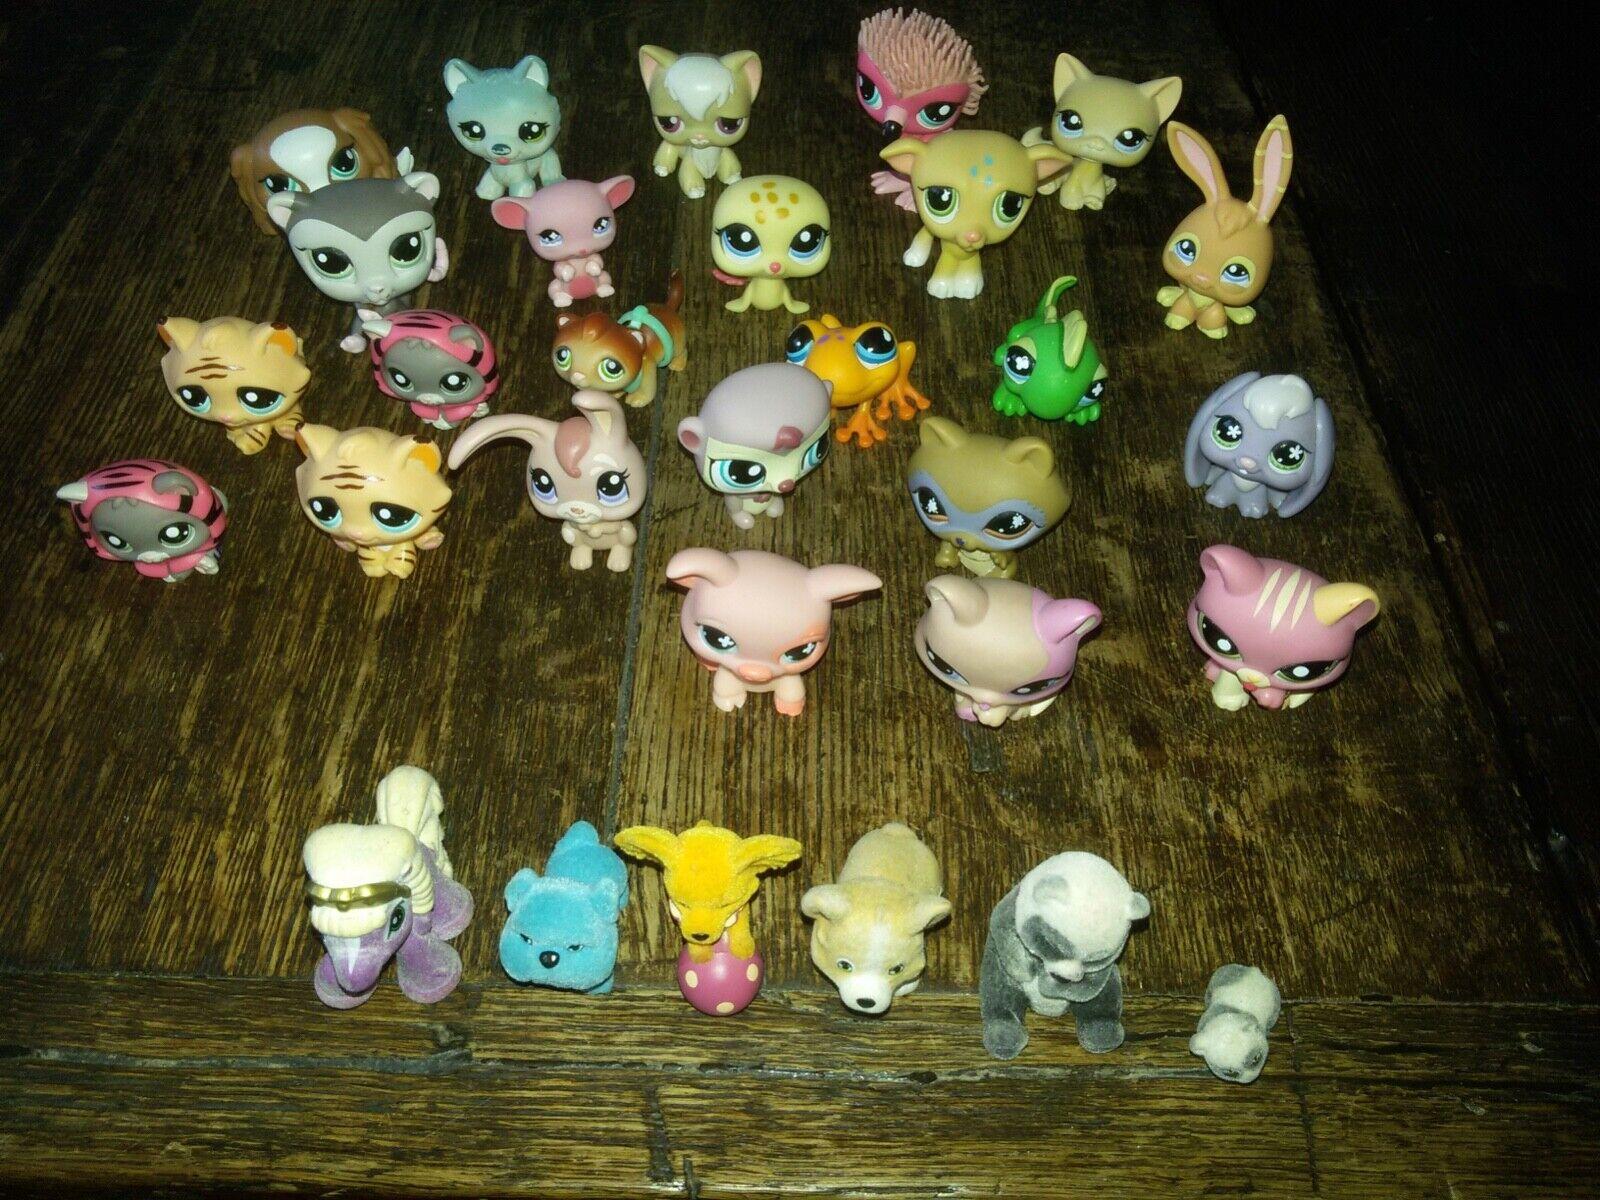 30Pcs Littlest Pet Shop LPS Lot Figure Collection Toys